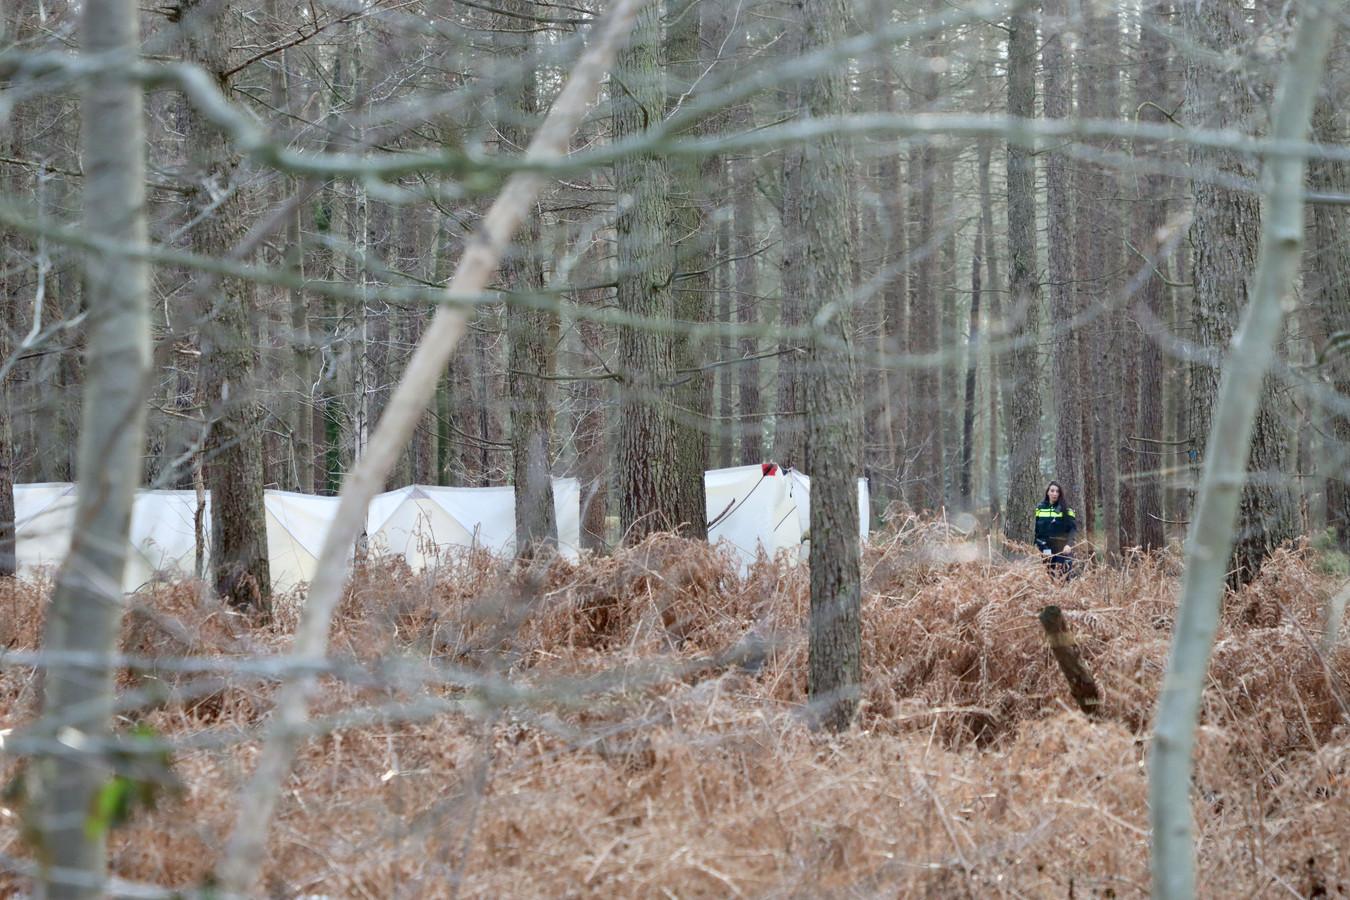 Witte schermen in het bos bij Denekamp waar een lichaam is gevonden.